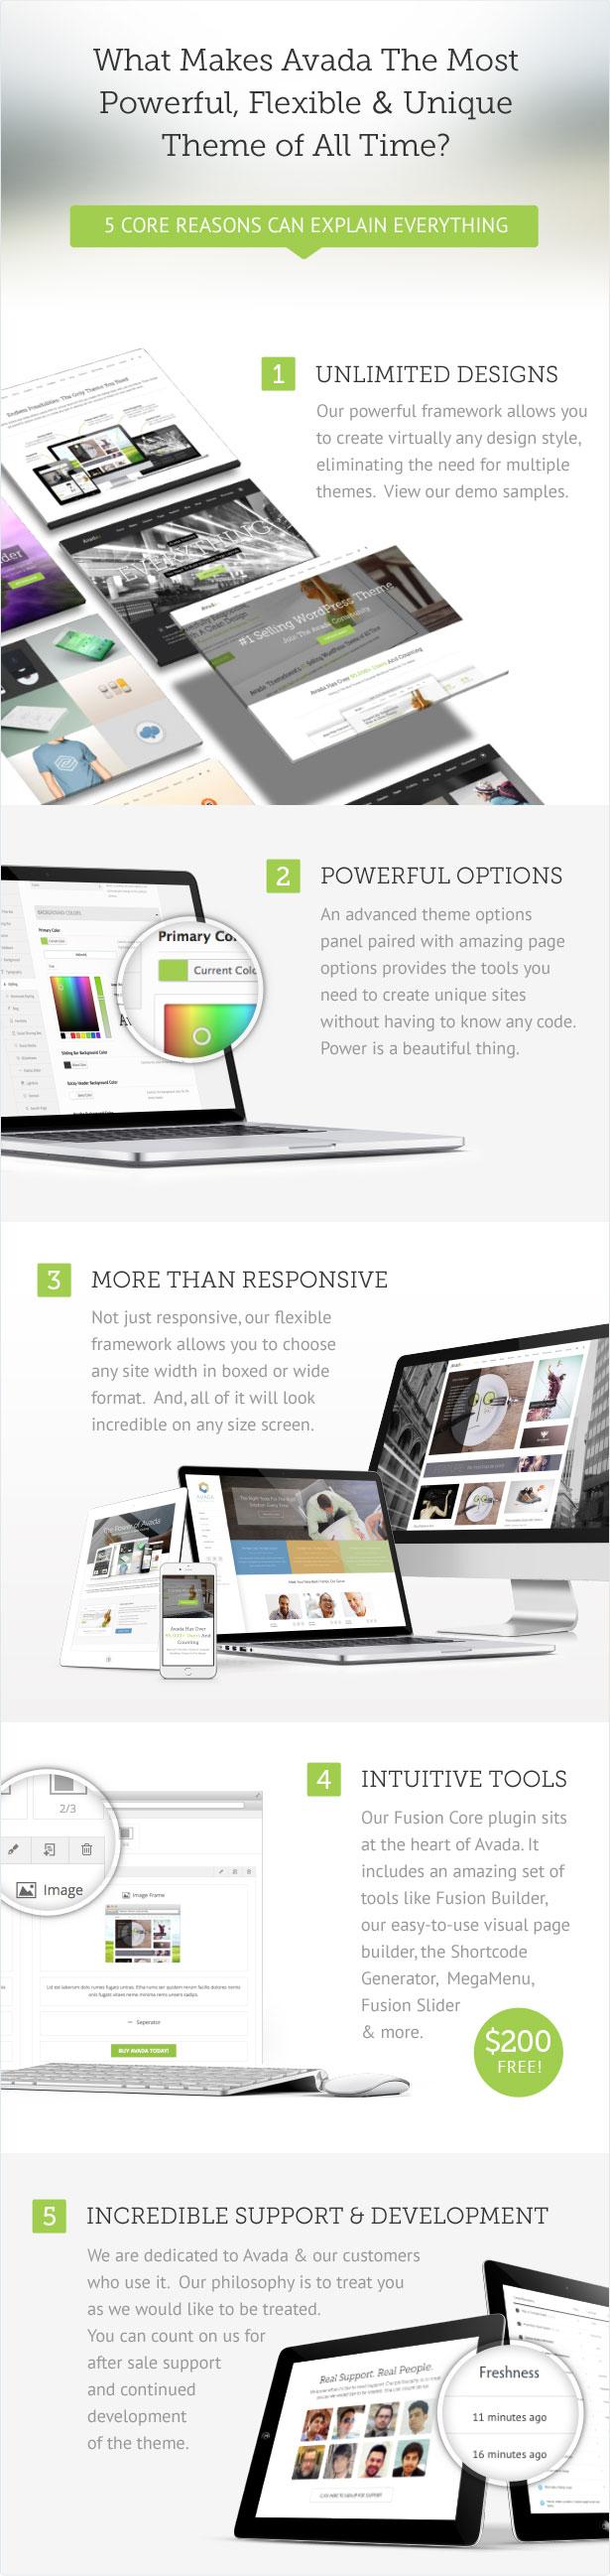 avada9 - Avada | Responsive Multi-Purpose Theme